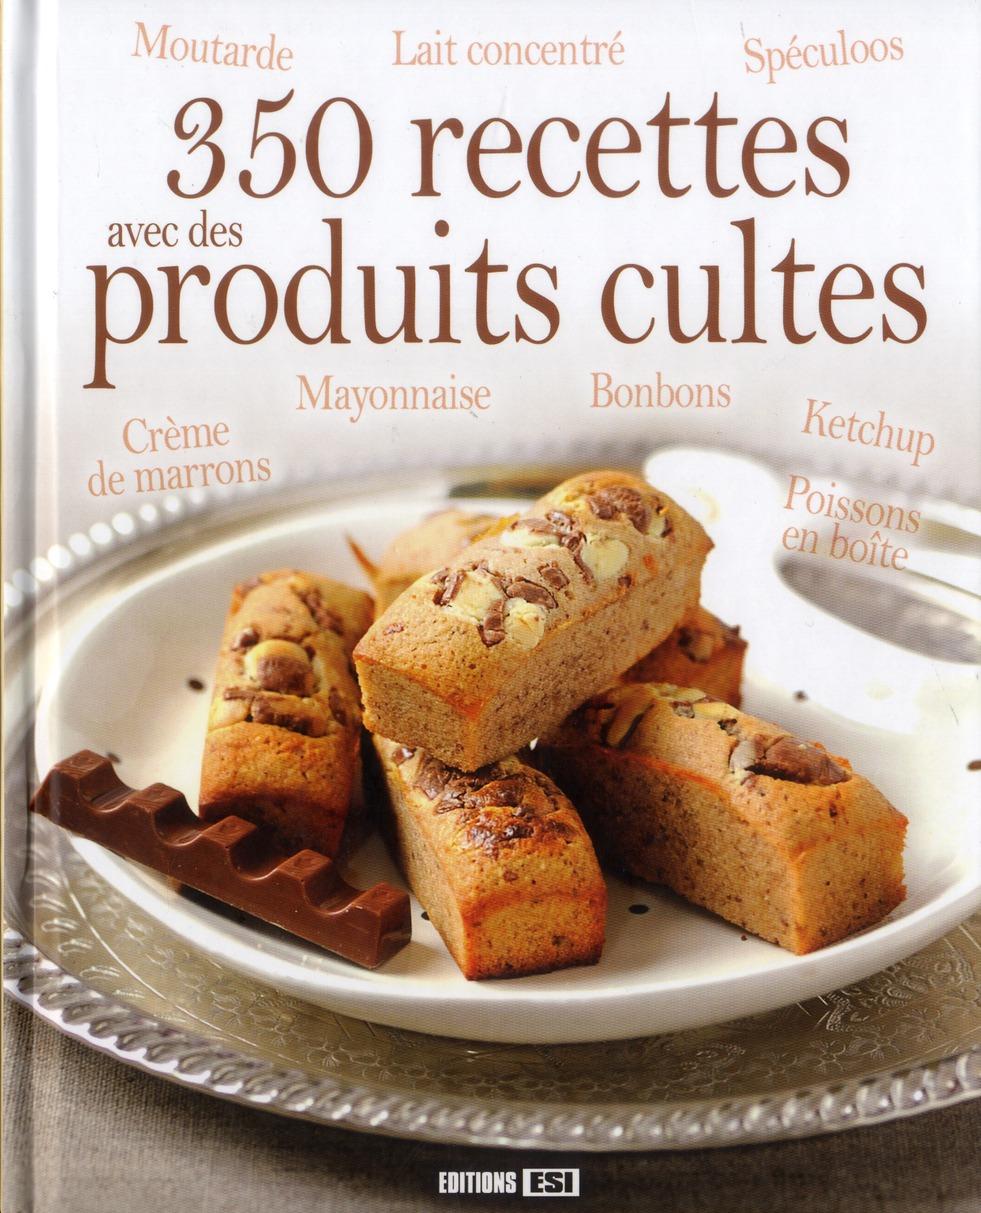 350 RECETTES AVEC DES PRODUITS CULTES